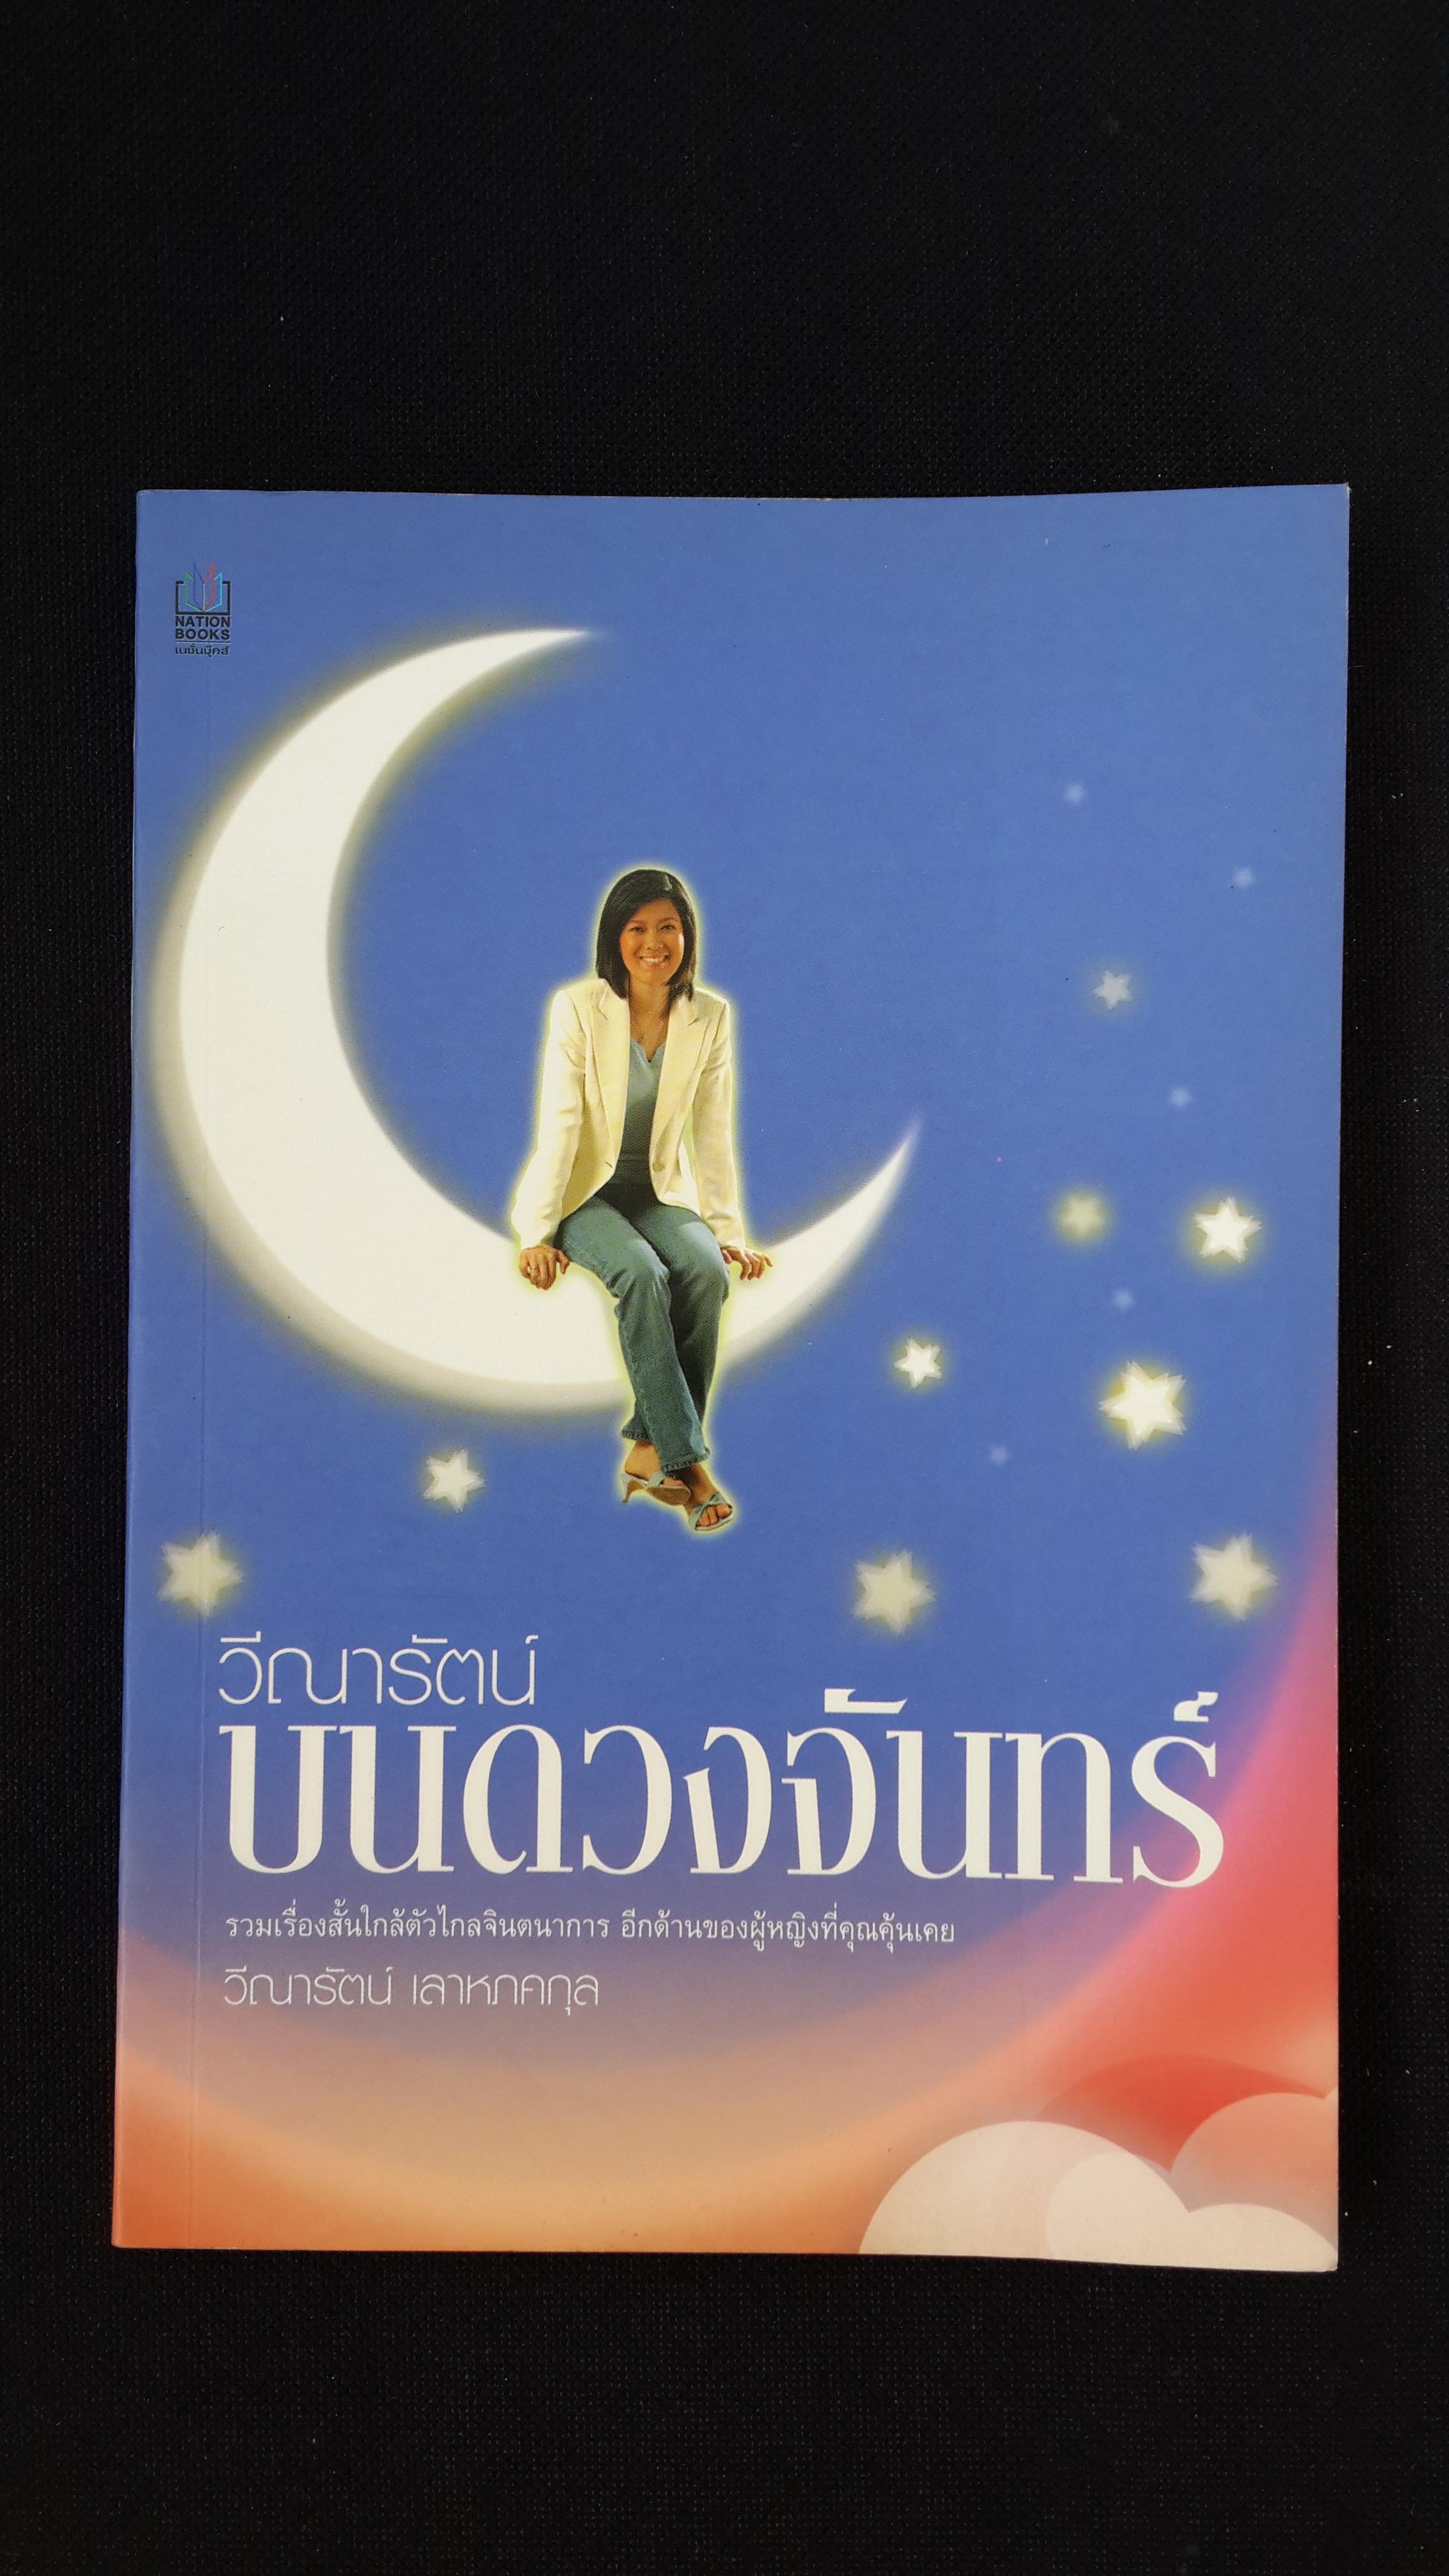 วีณารัตน์ บนดวงจันทร์ / วีณารัตน์ เลาหภคกุล